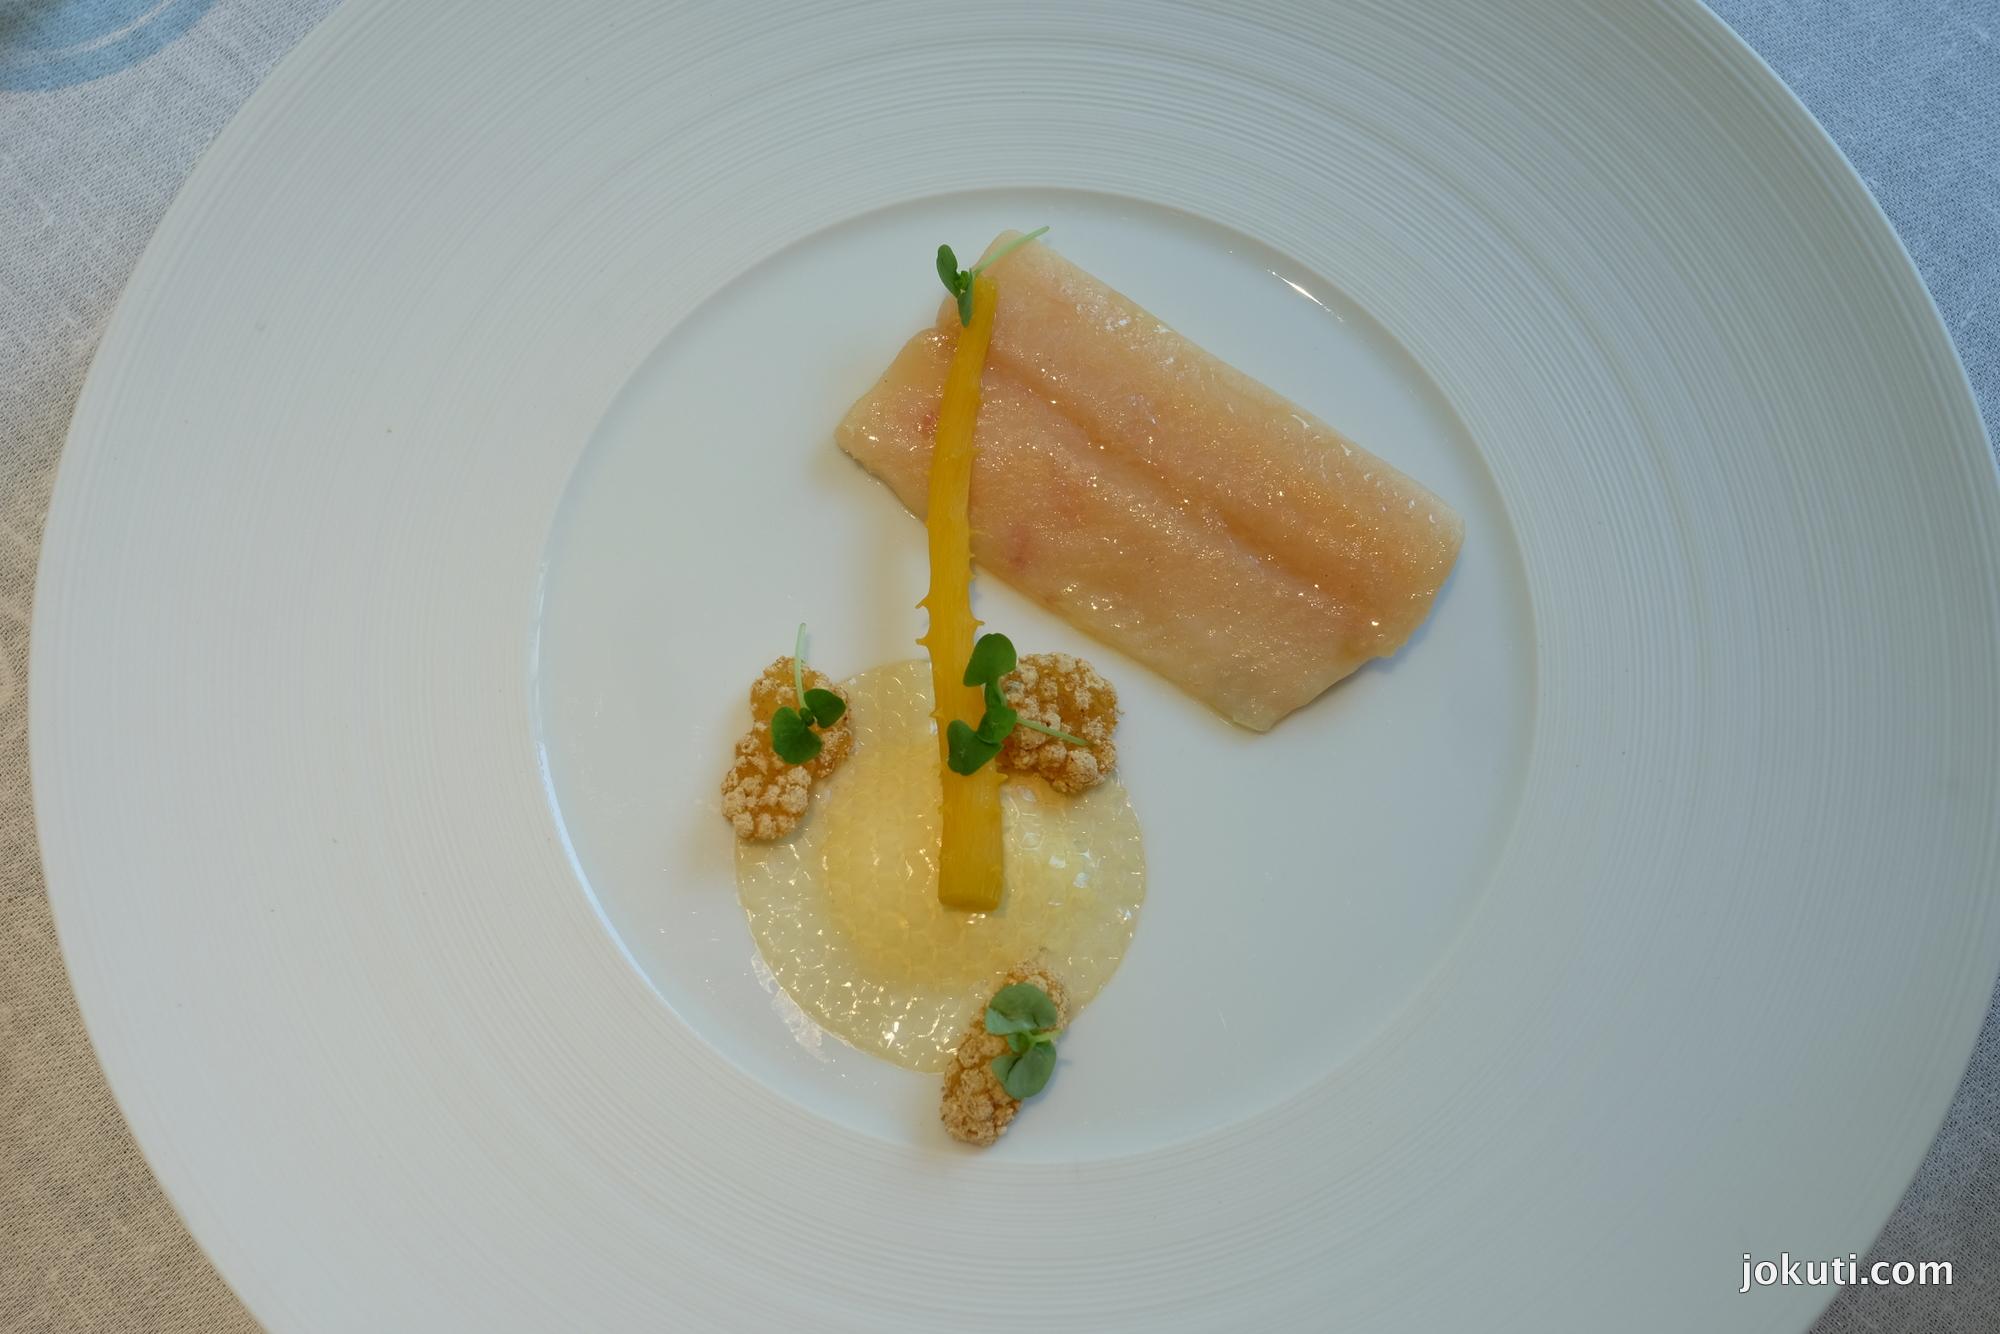 dscf5368_steirereck_vienna_wien_austria_michelin_reitbauer_restaurant_vilagevo_jokuti-001.jpg